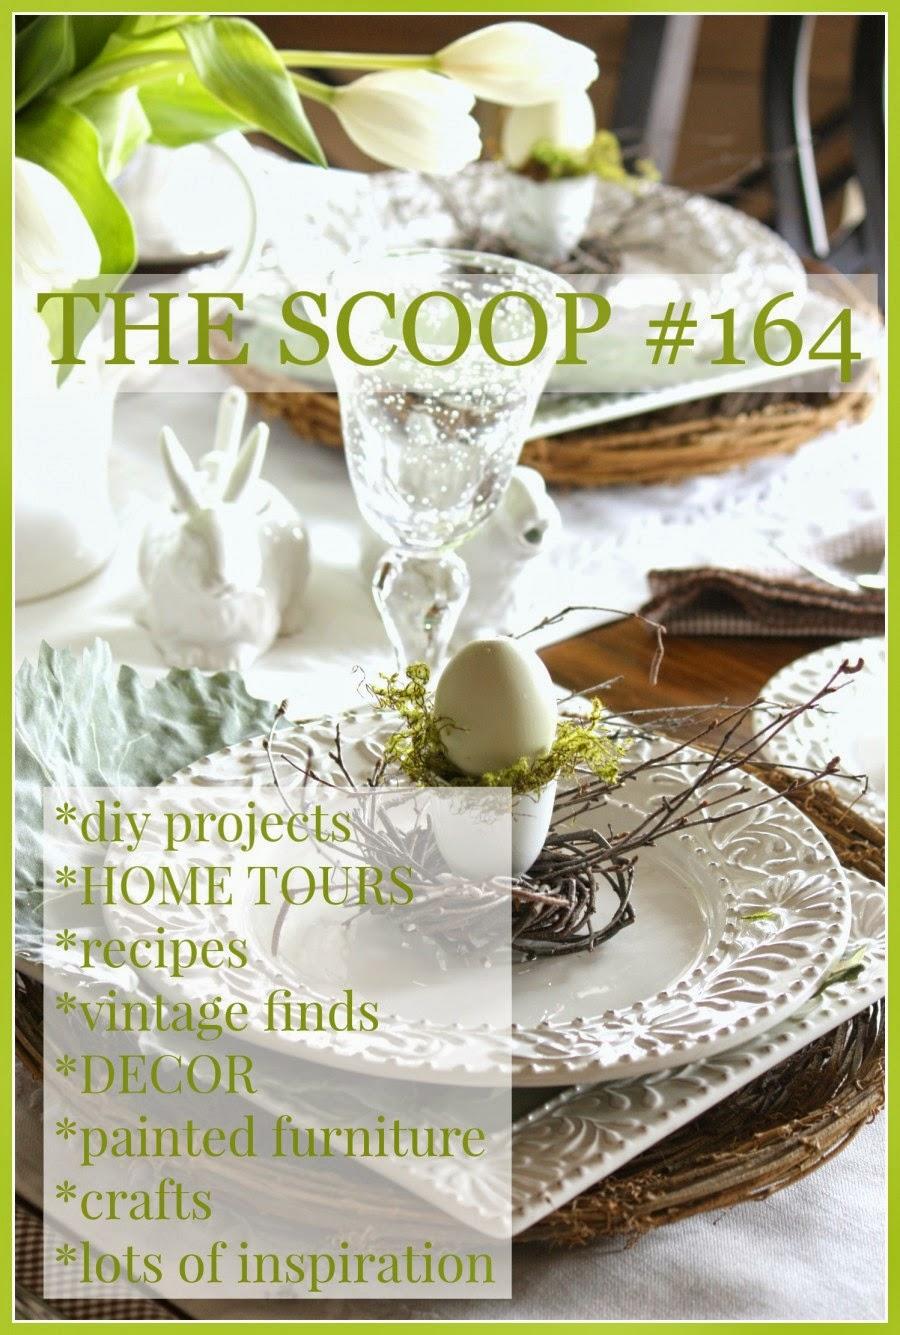 http://www.stonegableblog.com/the-scoop-168/